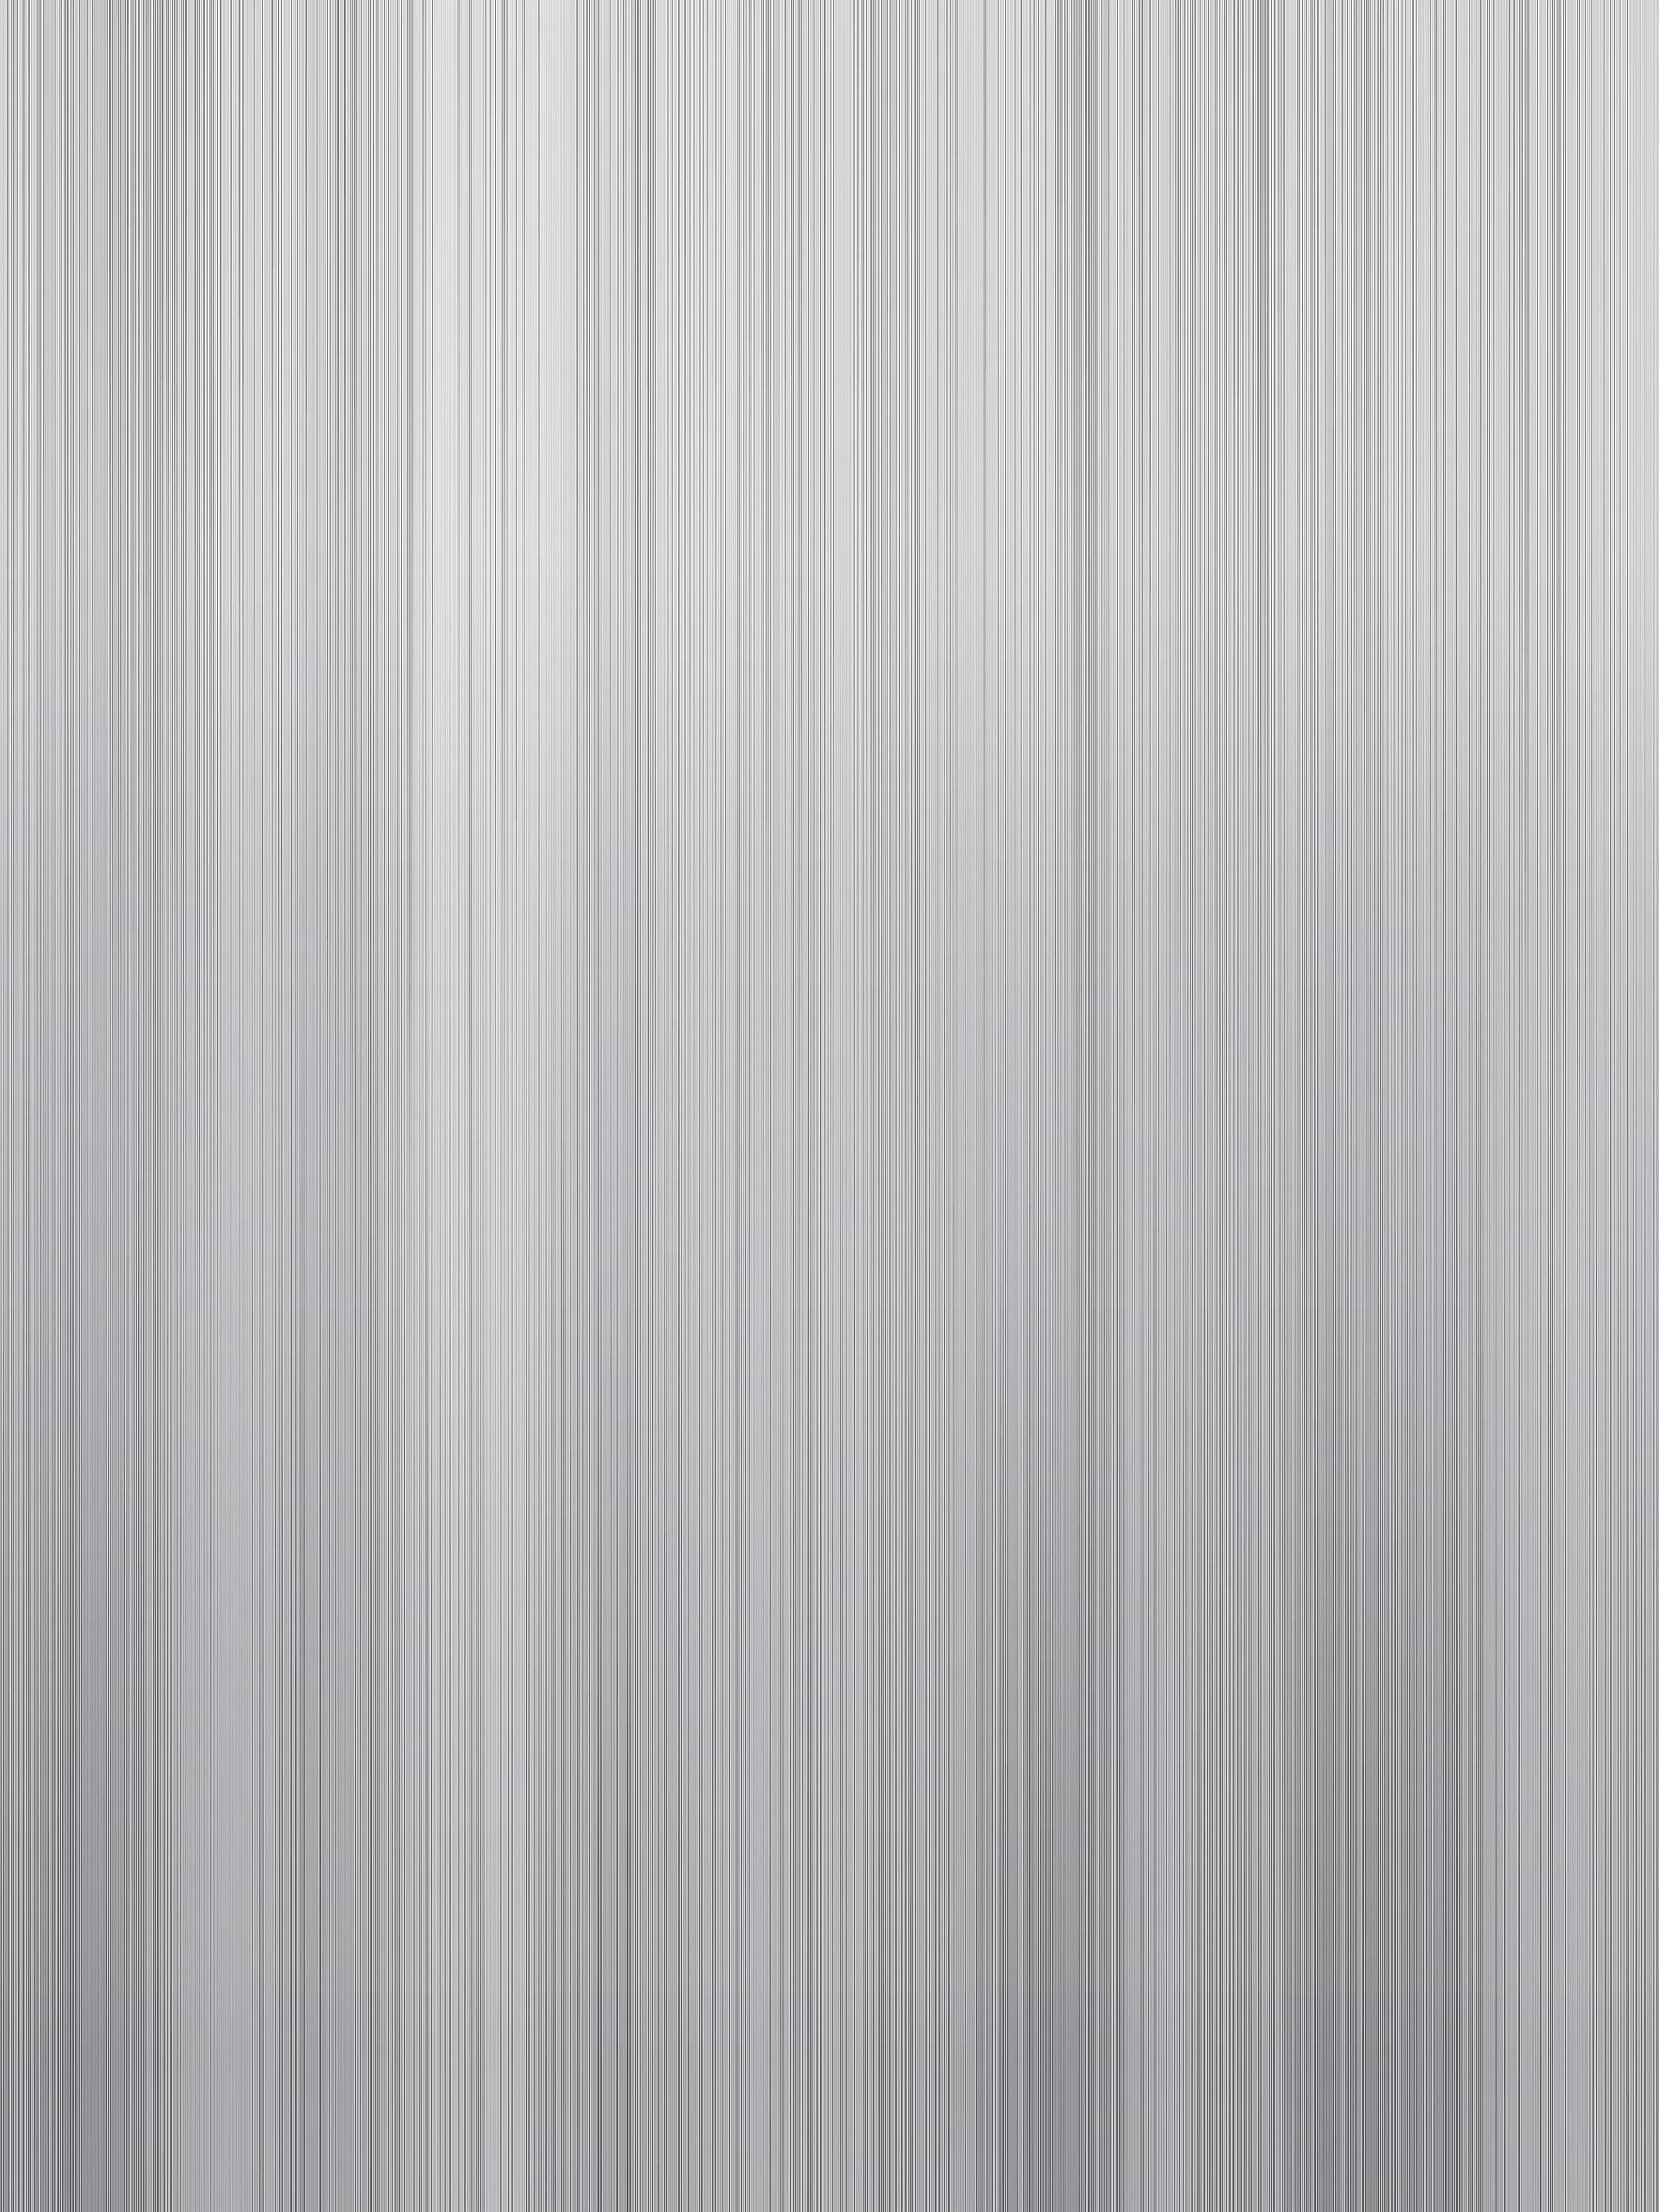 Design Wallpaper Landscape